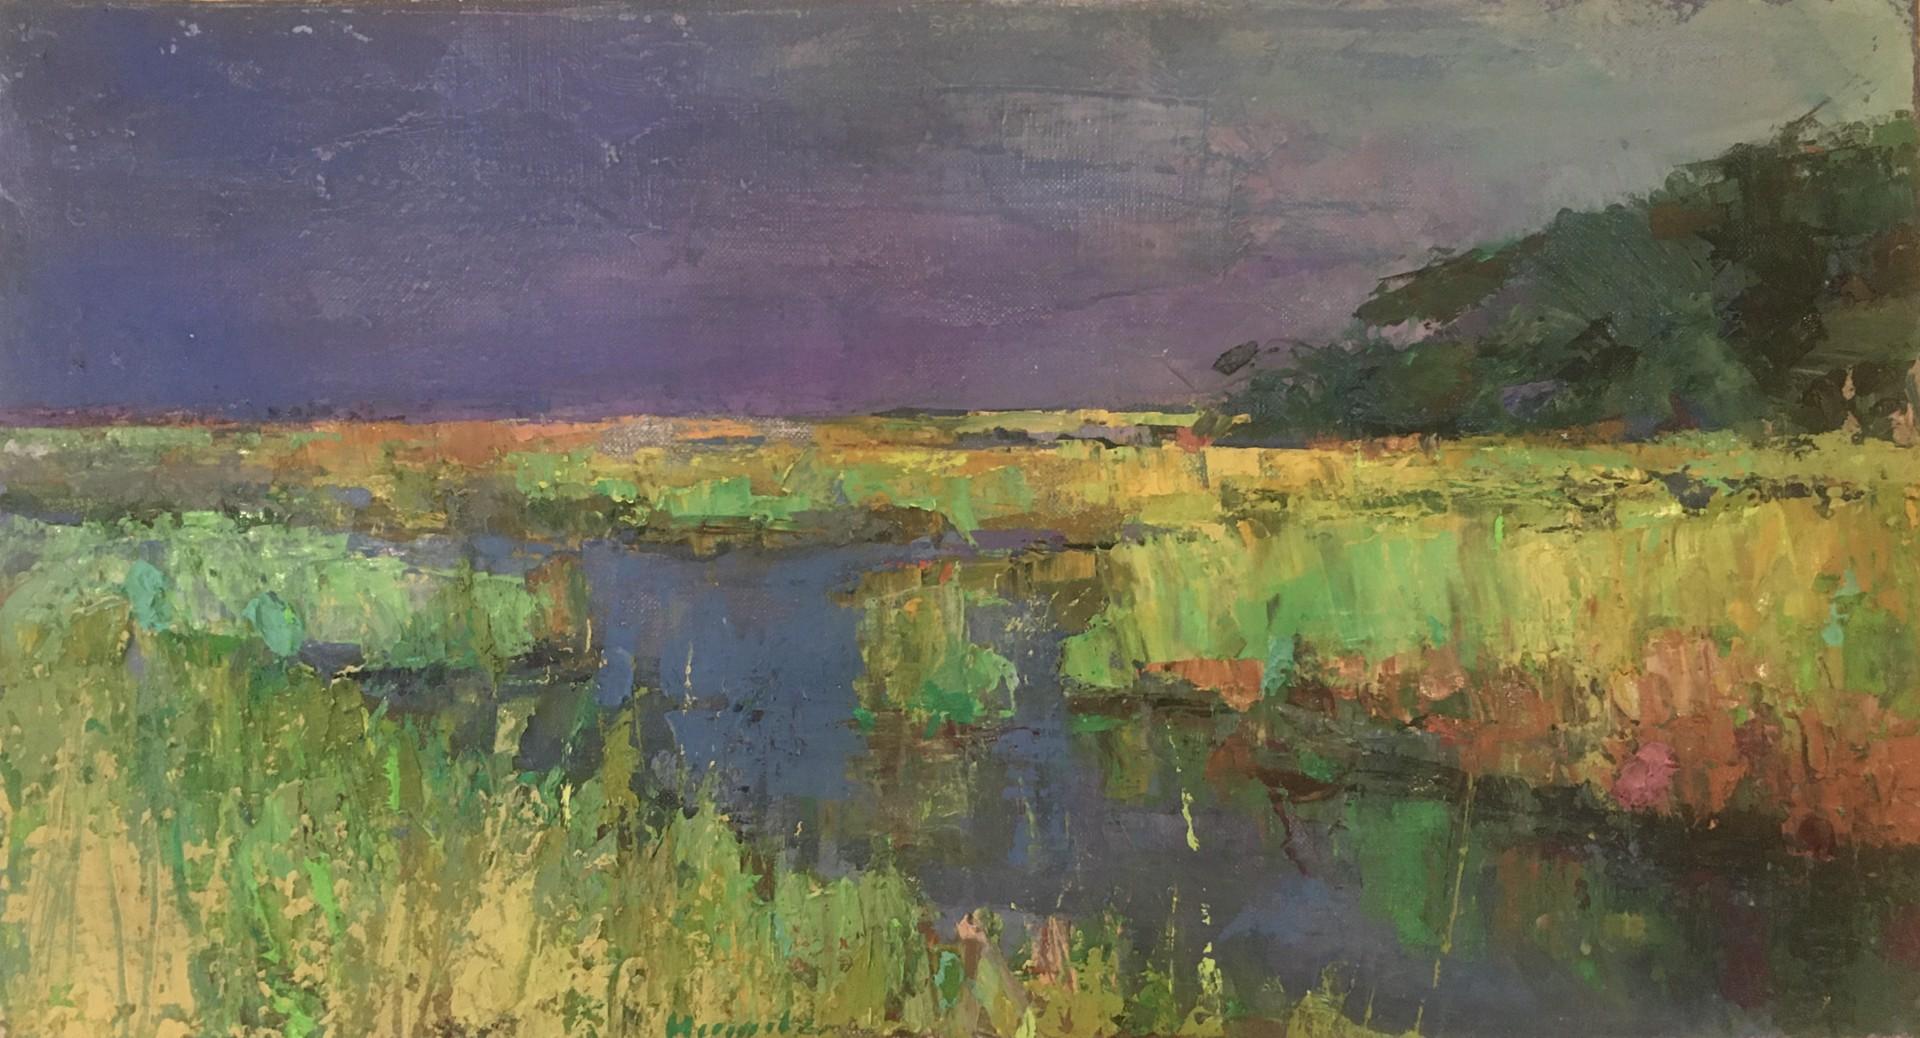 Marsh Storm by Larry Horowitz